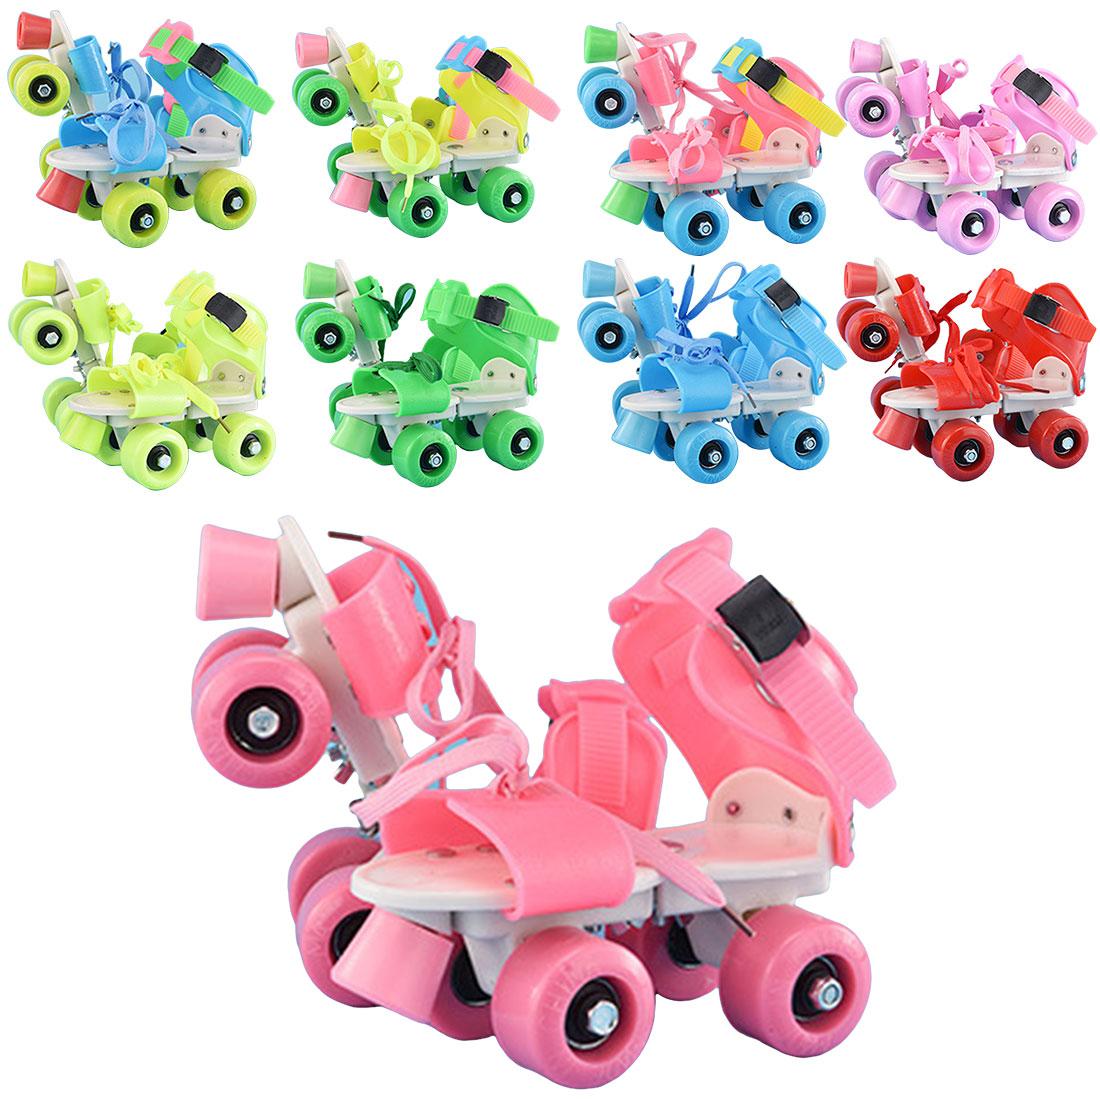 Enfants patins à roulettes Double rangée 4 roues taille réglable chaussures de patinage Slalom coulissant patins à roues alignées enfants cadeaux